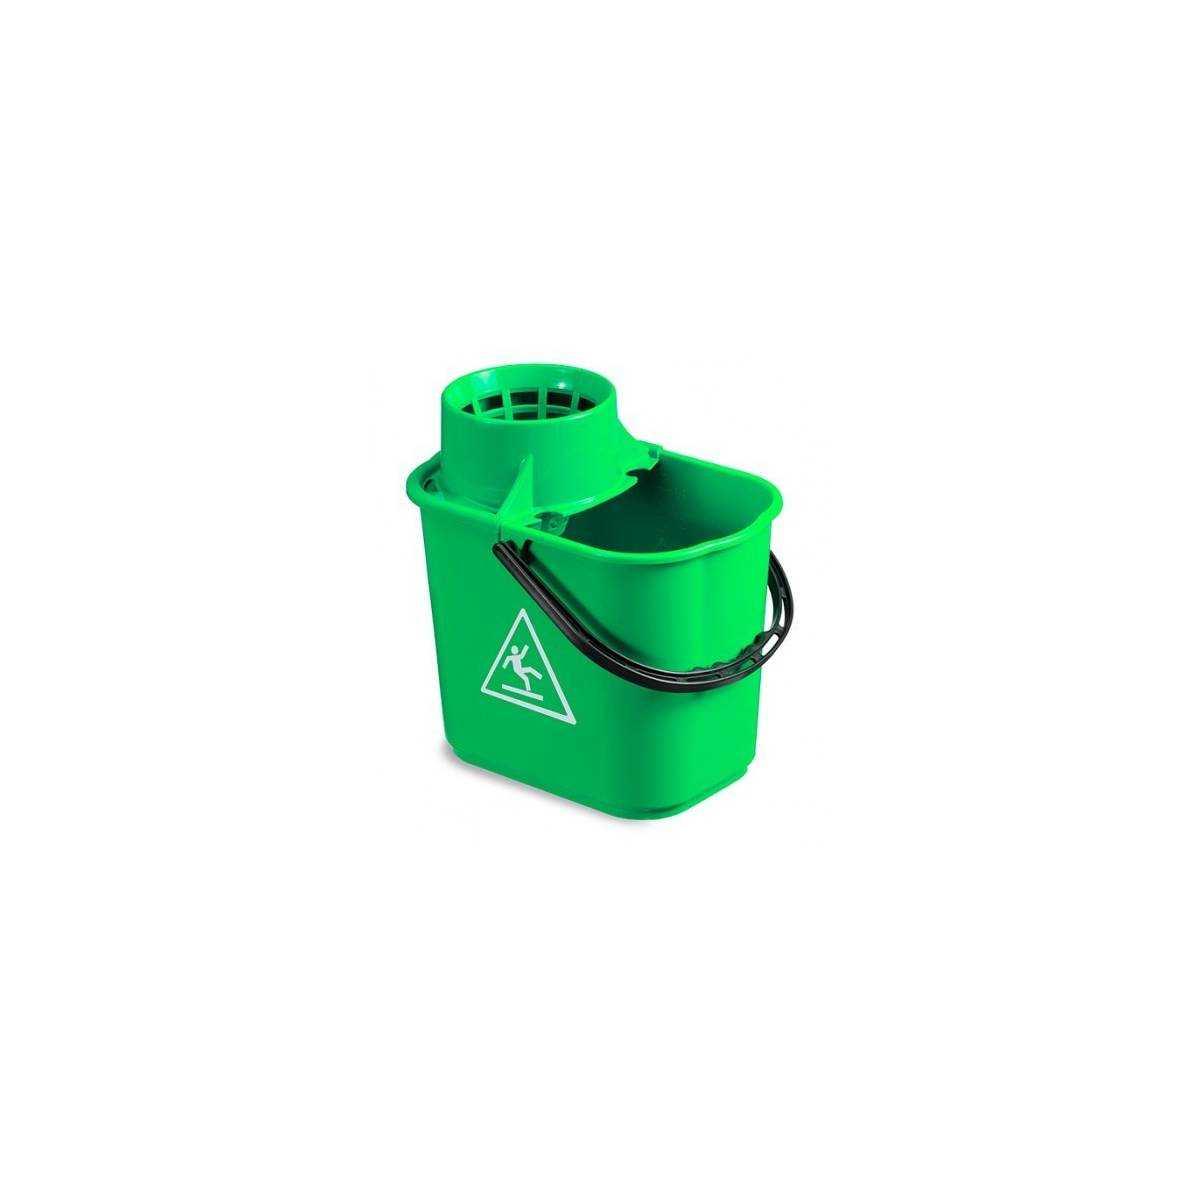 Ведро EASY с отжимом 14л (Зеленого цвета) 5042 TTS